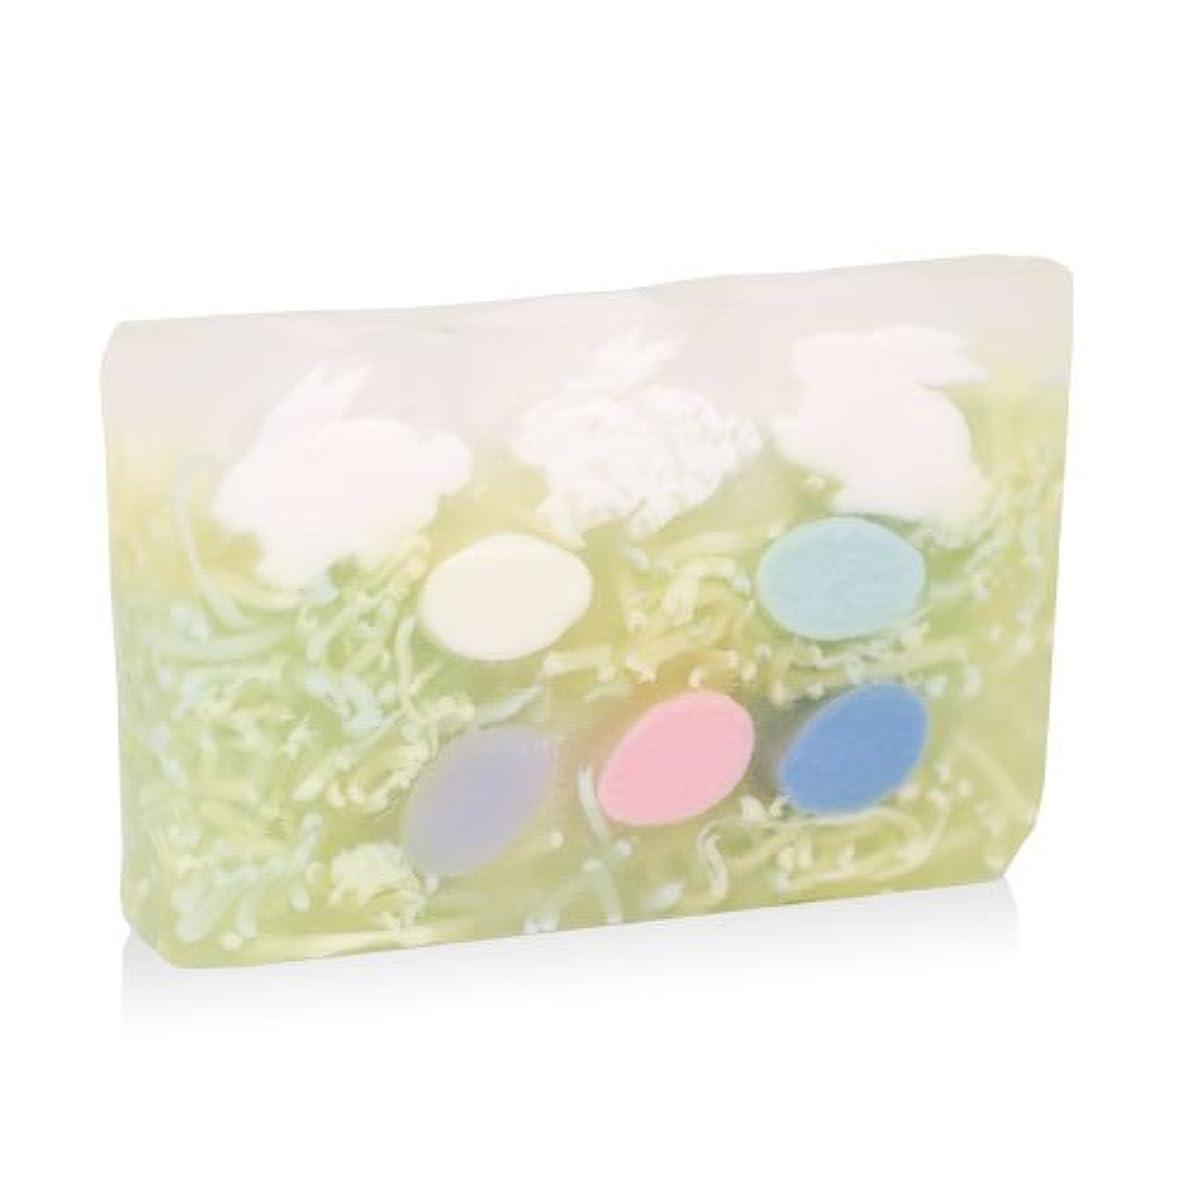 ブロック画家モンゴメリープライモールエレメンツ アロマティック ソープ スプリングフラワー 180g 植物性 ナチュラル 石鹸 無添加